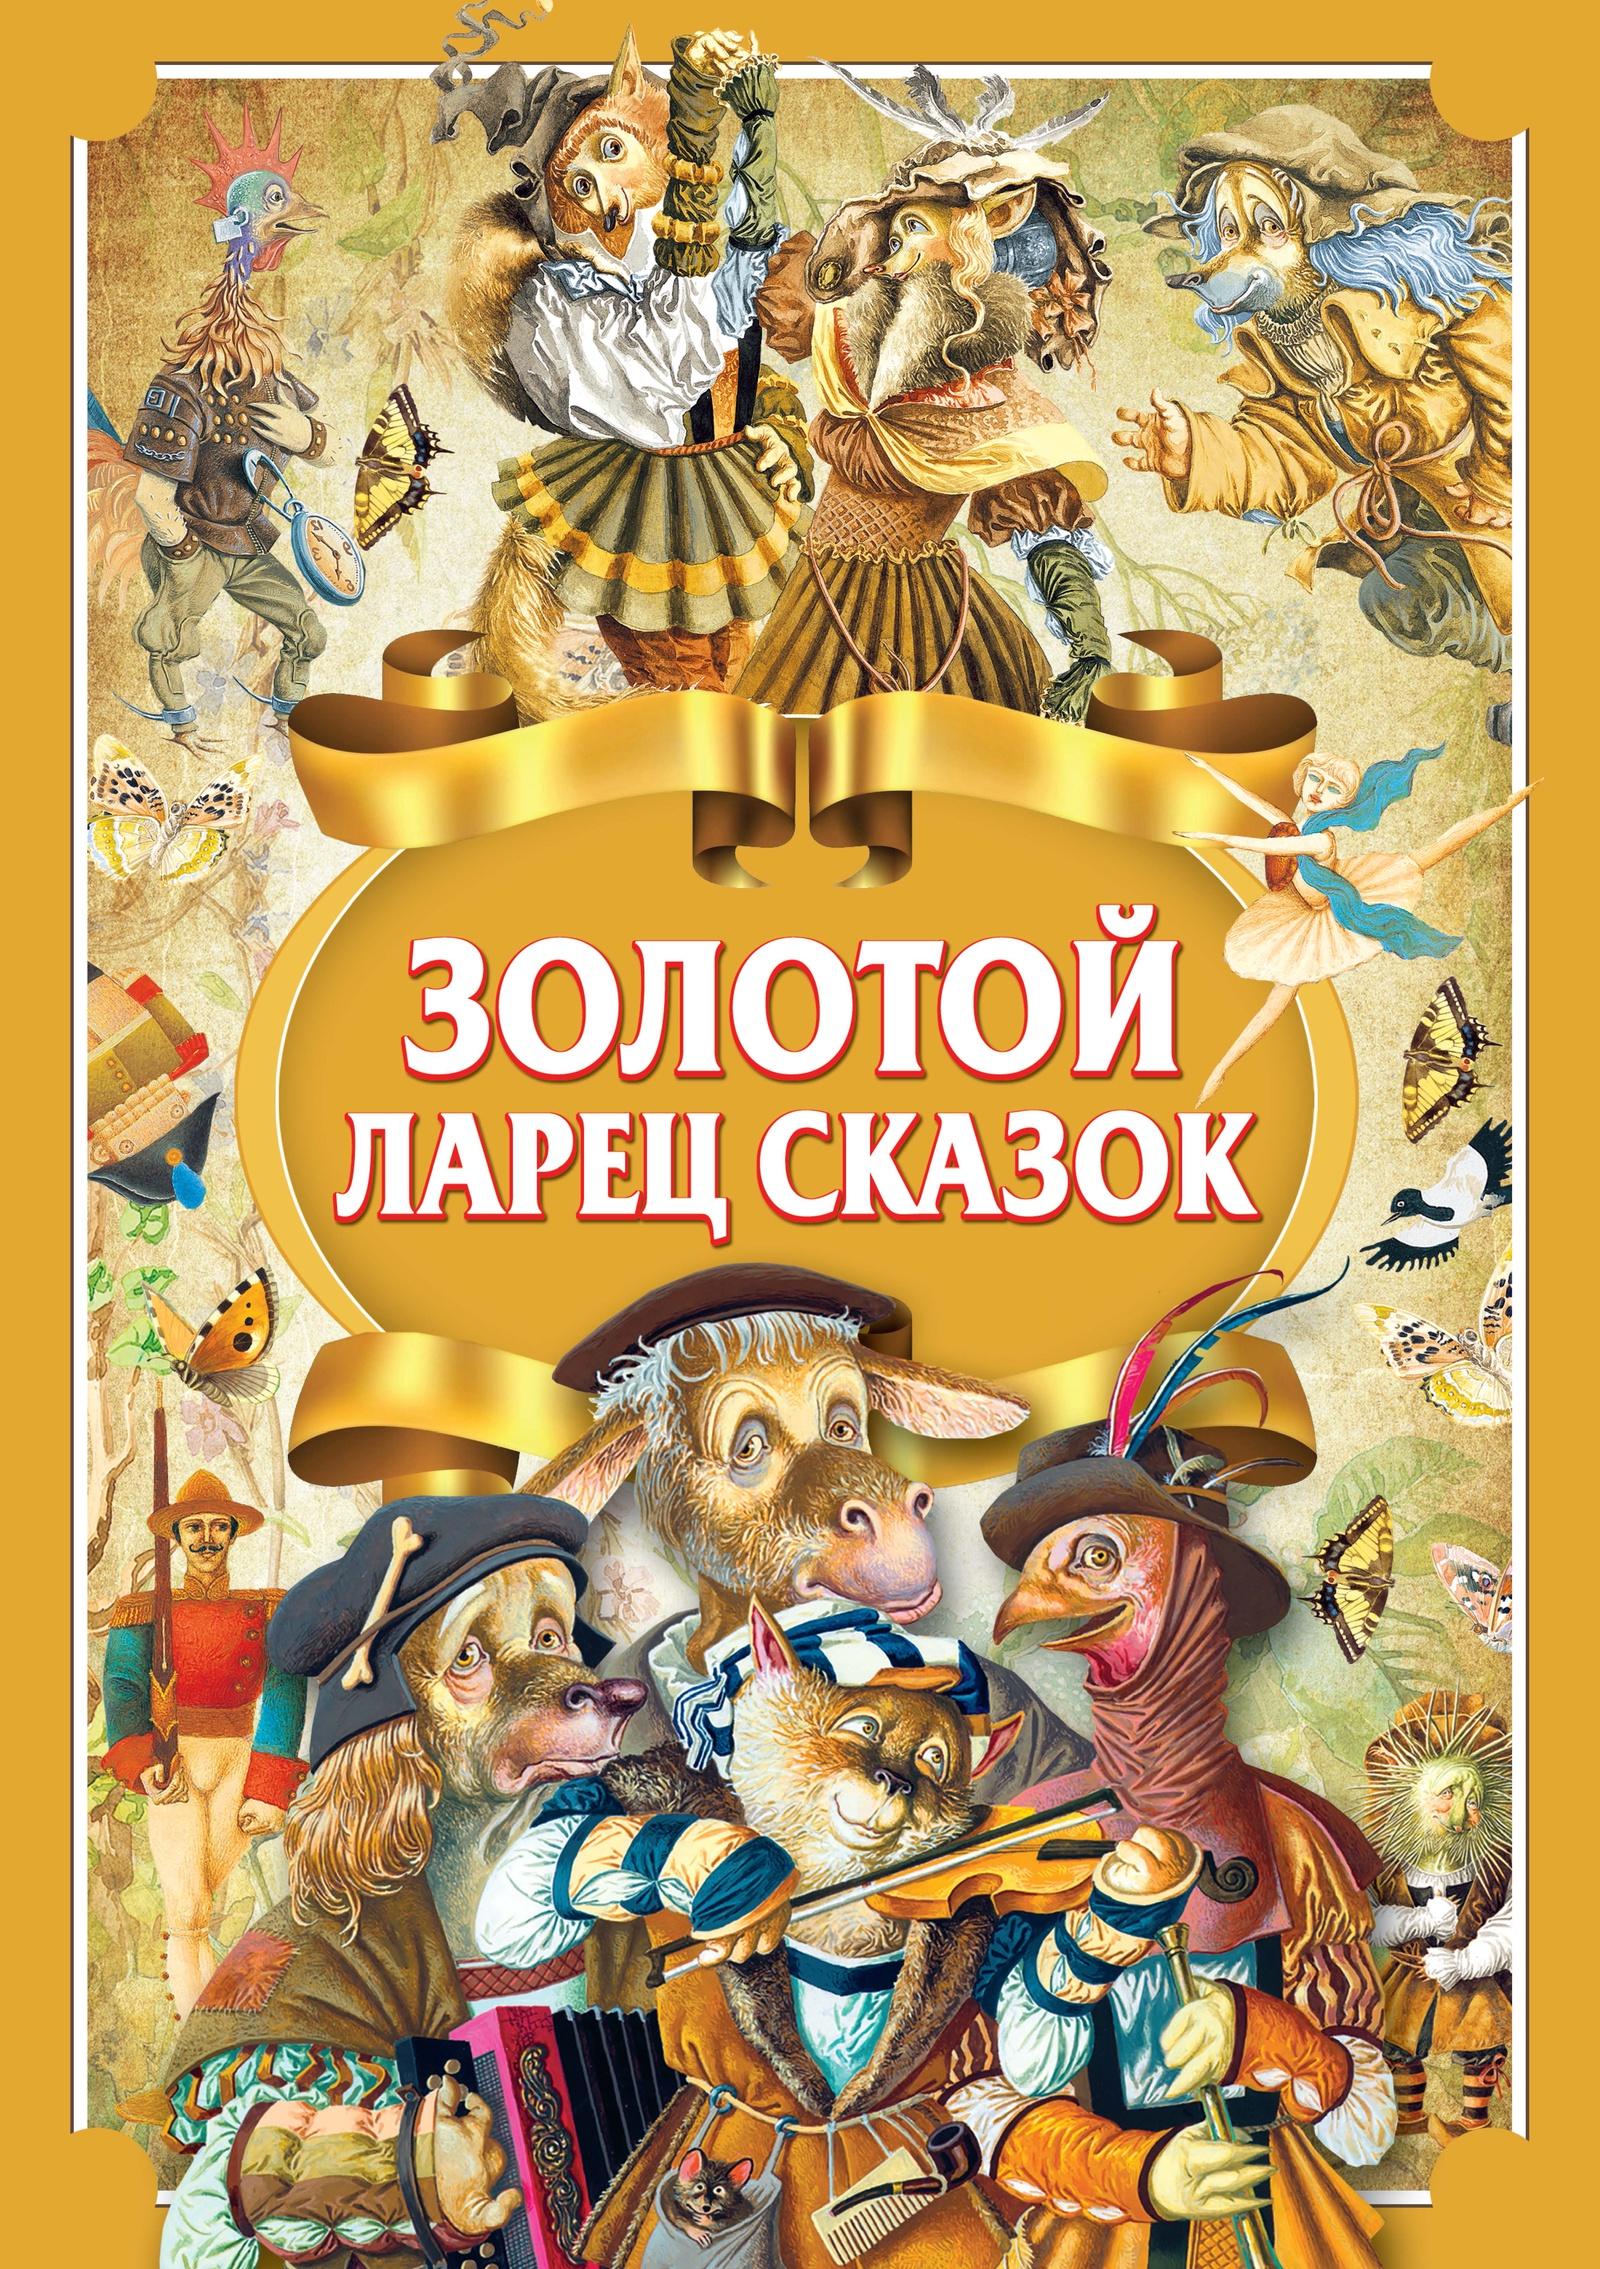 Золотой ларец сказок